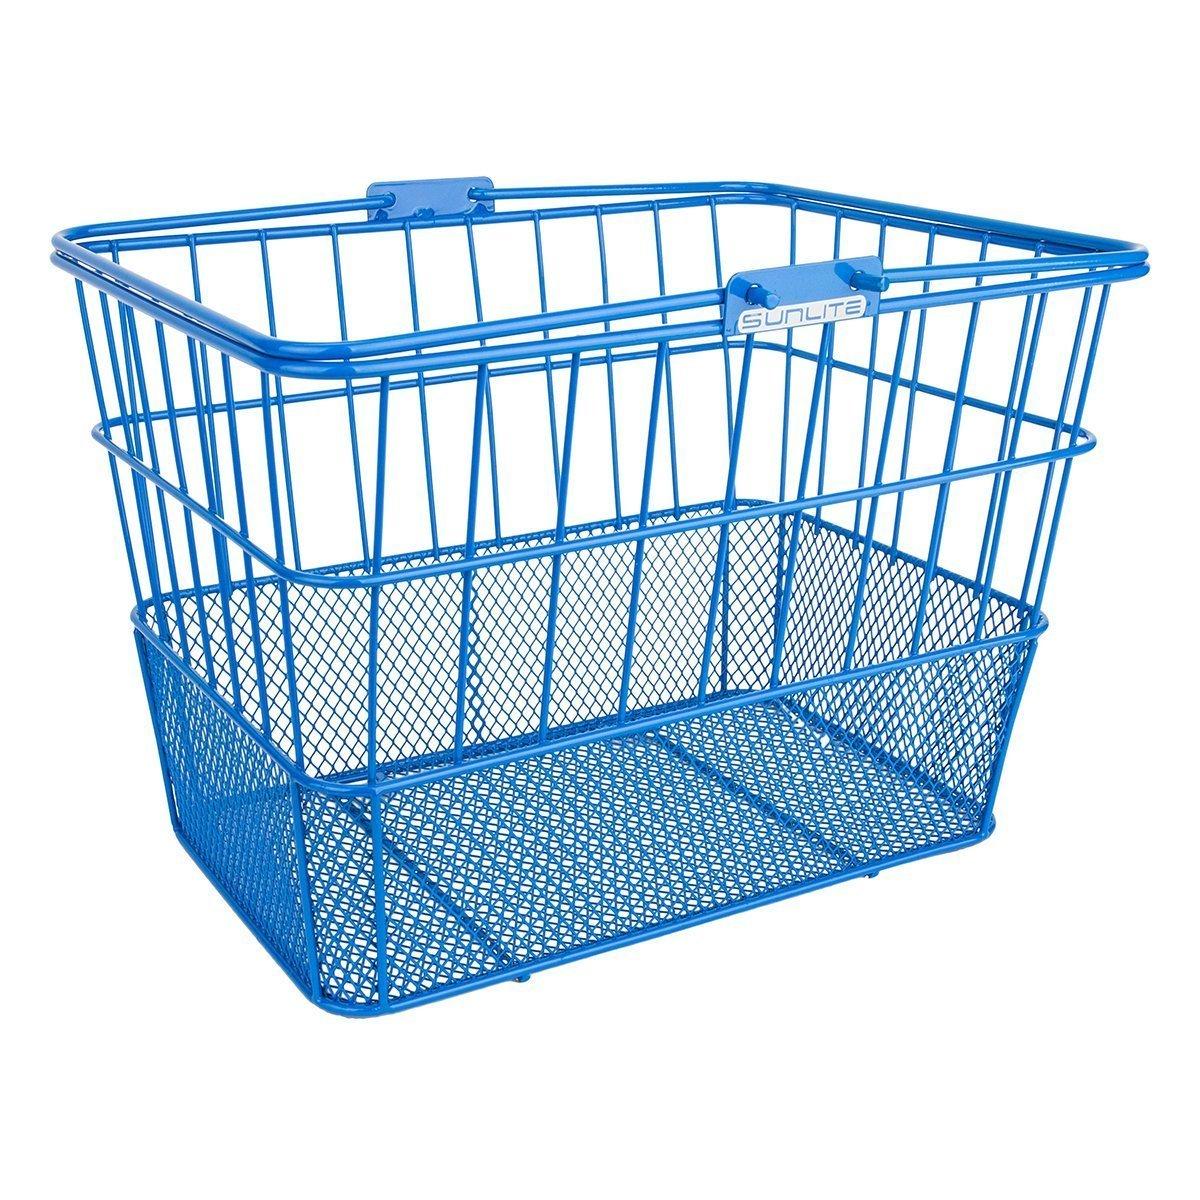 en stock Azul SunLite estándar Fondo de Malla Cesta de elevación elevación elevación W Soporte  Garantía 100% de ajuste